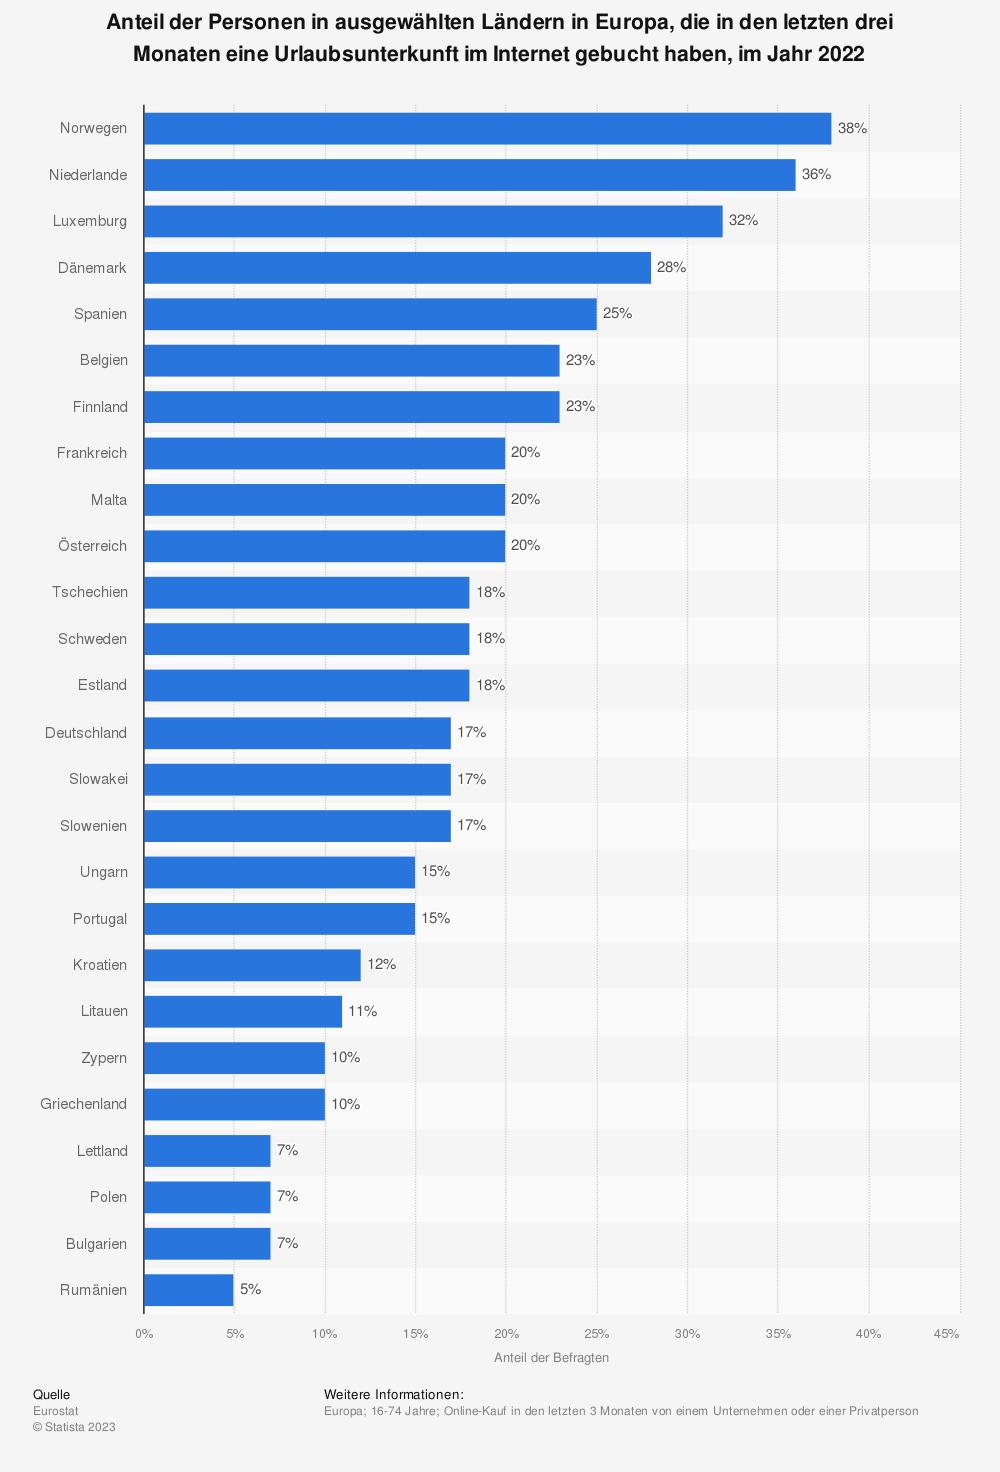 Statistik: Anteil der Personen in ausgewählten Ländern in Europa, die Reisen und Urlaubsunterkünfte im Internet gebucht haben, im Jahr 2018 | Statista